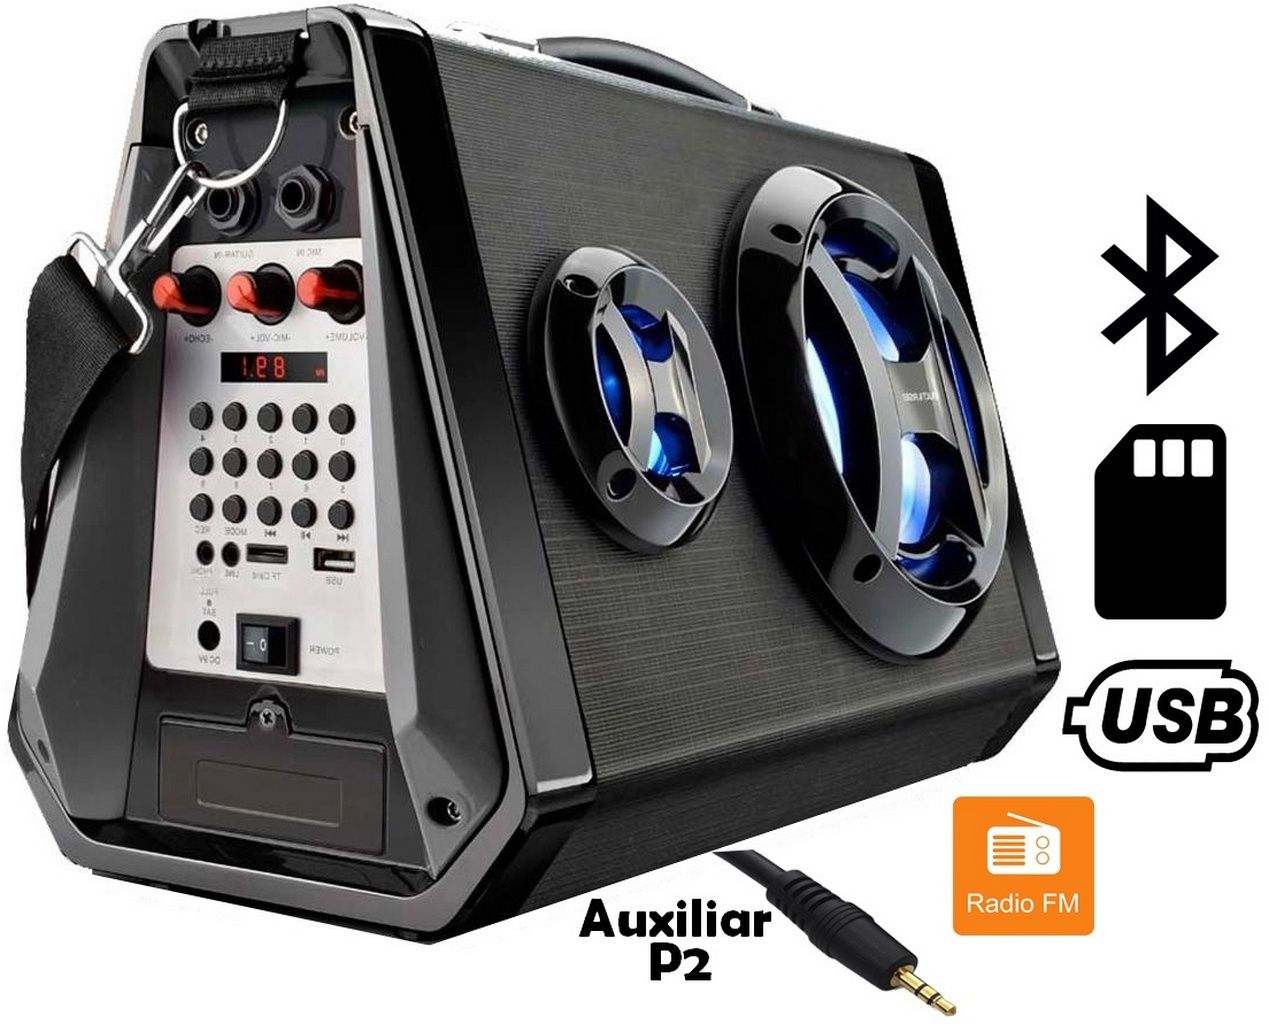 Caixa De Som Bluetooth Usb Portátil Bateria Recarregável Microfone Karaokê Alça Transversal Sd Rádio Fm Entrada P2 80W RMS Led Multilaser Original